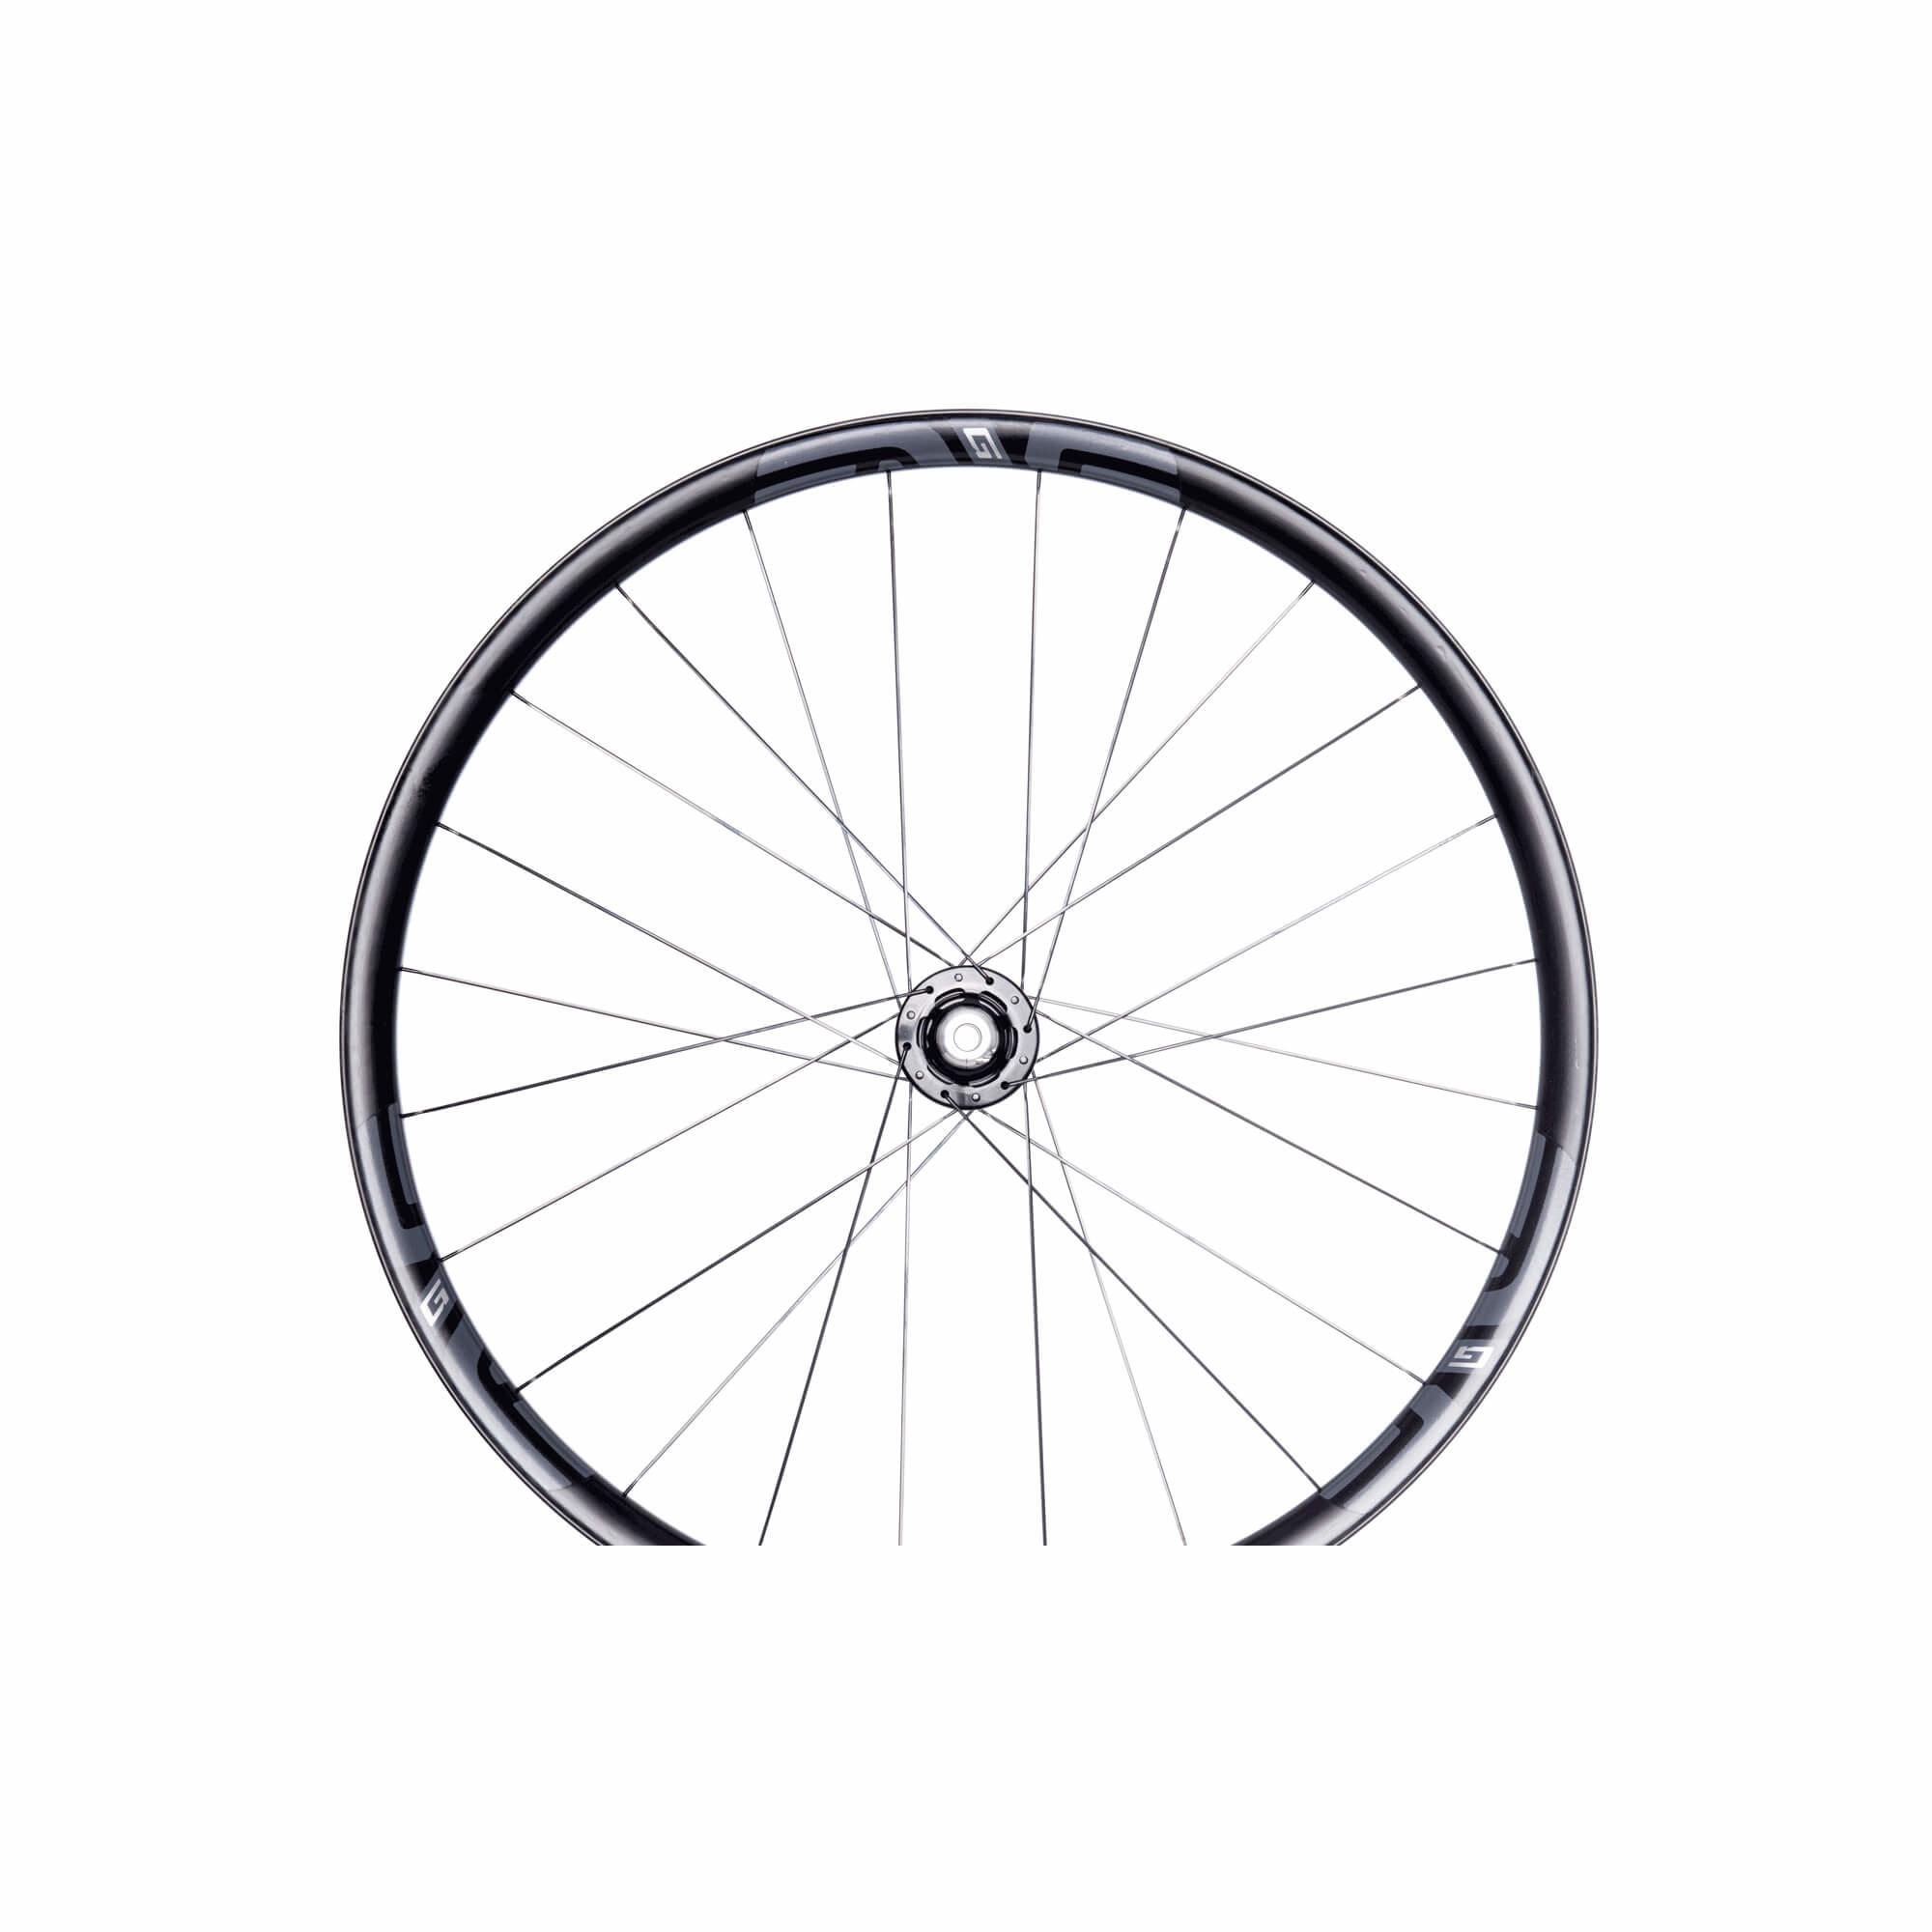 Wheelset G27-4